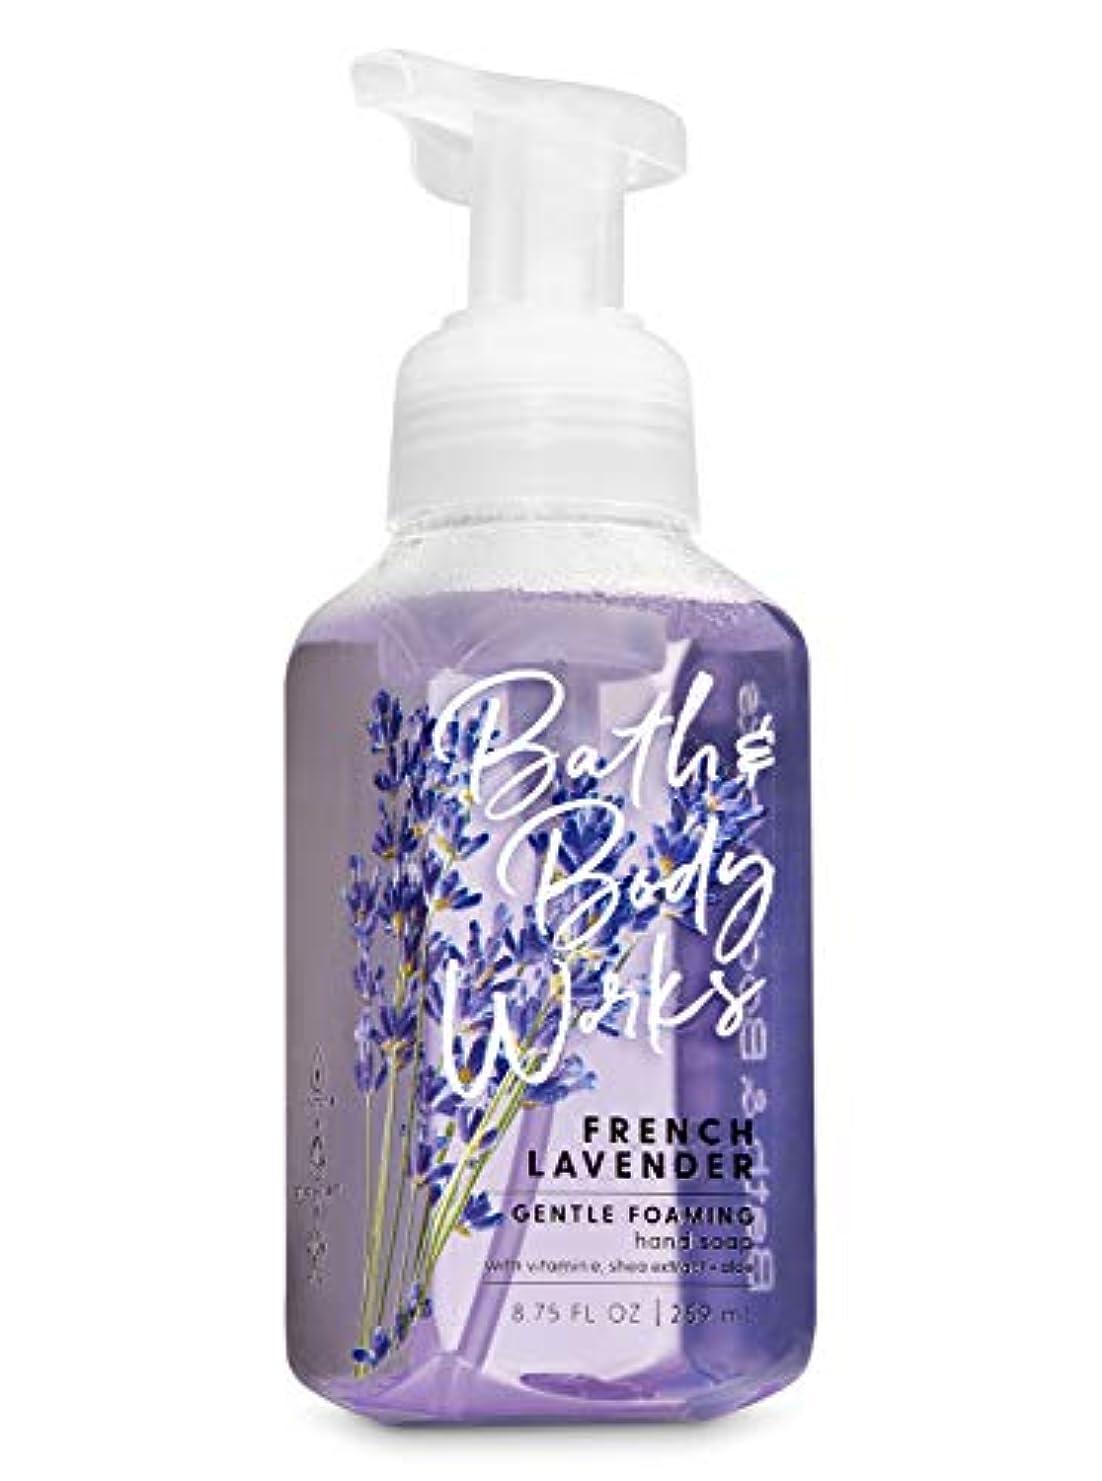 掃く二十高層ビルバス&ボディワークス フレンチラベンダー ジェントル フォーミング ハンドソープ French Lavender Gentle Foaming Hand Soap